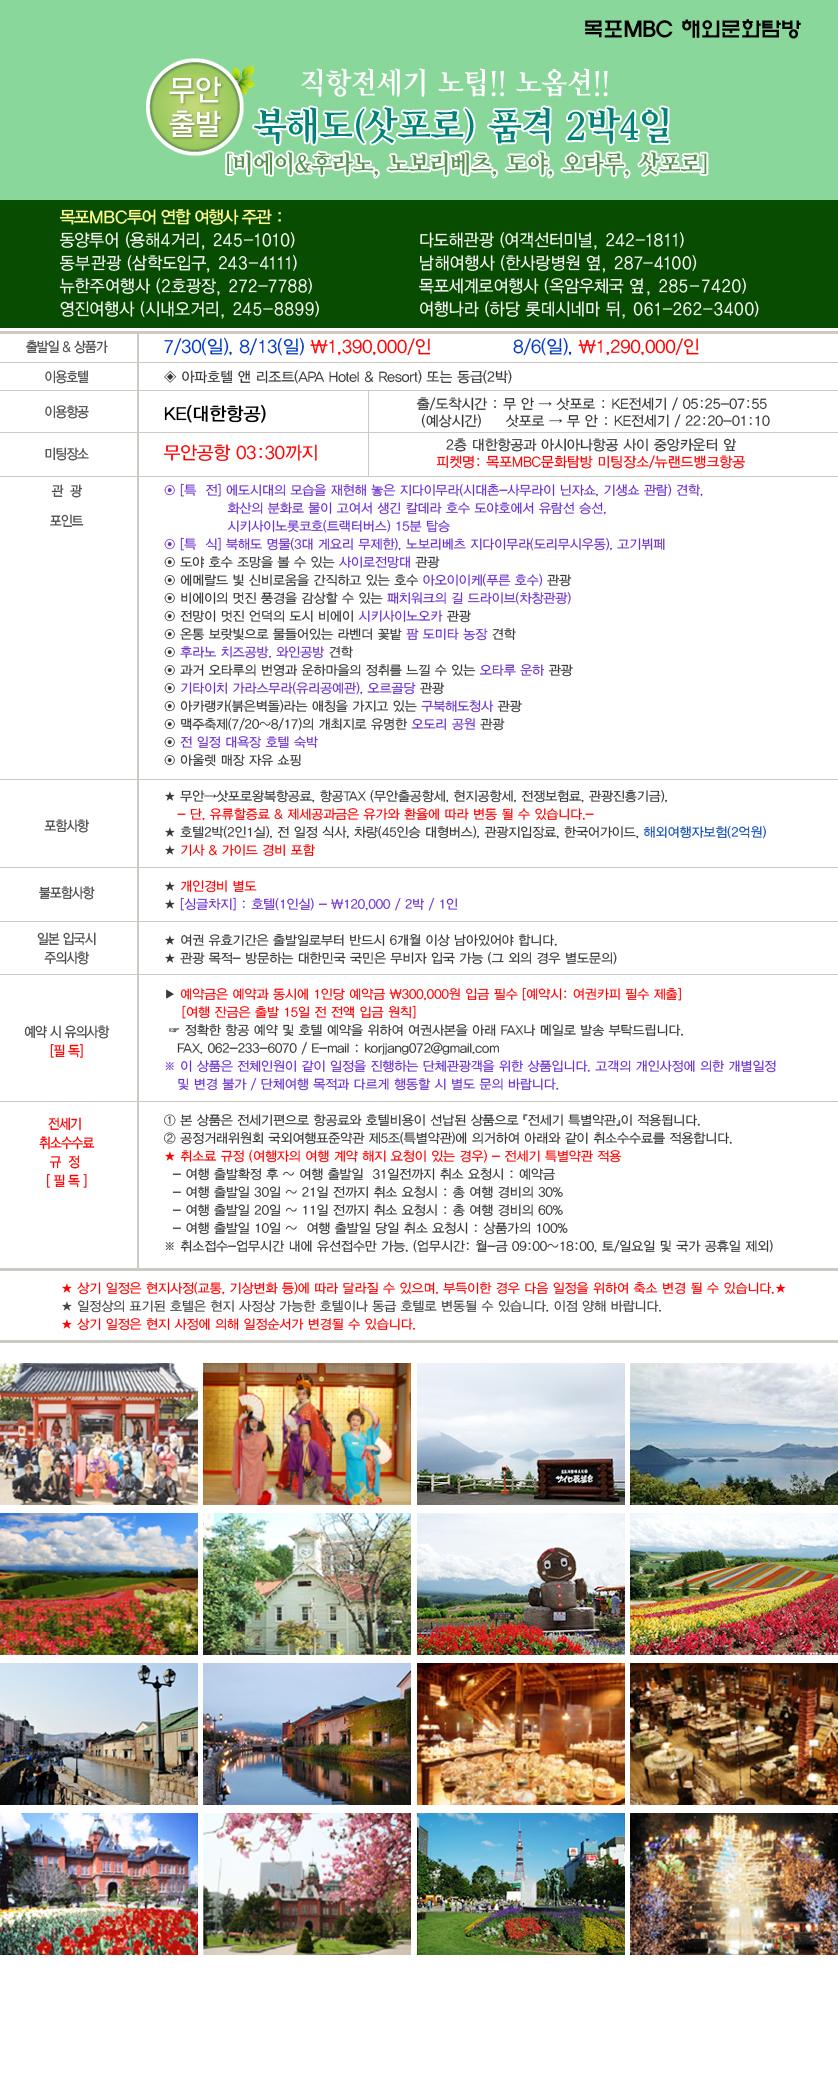 북해도(삿포로) 품격 2박4일 행사정보